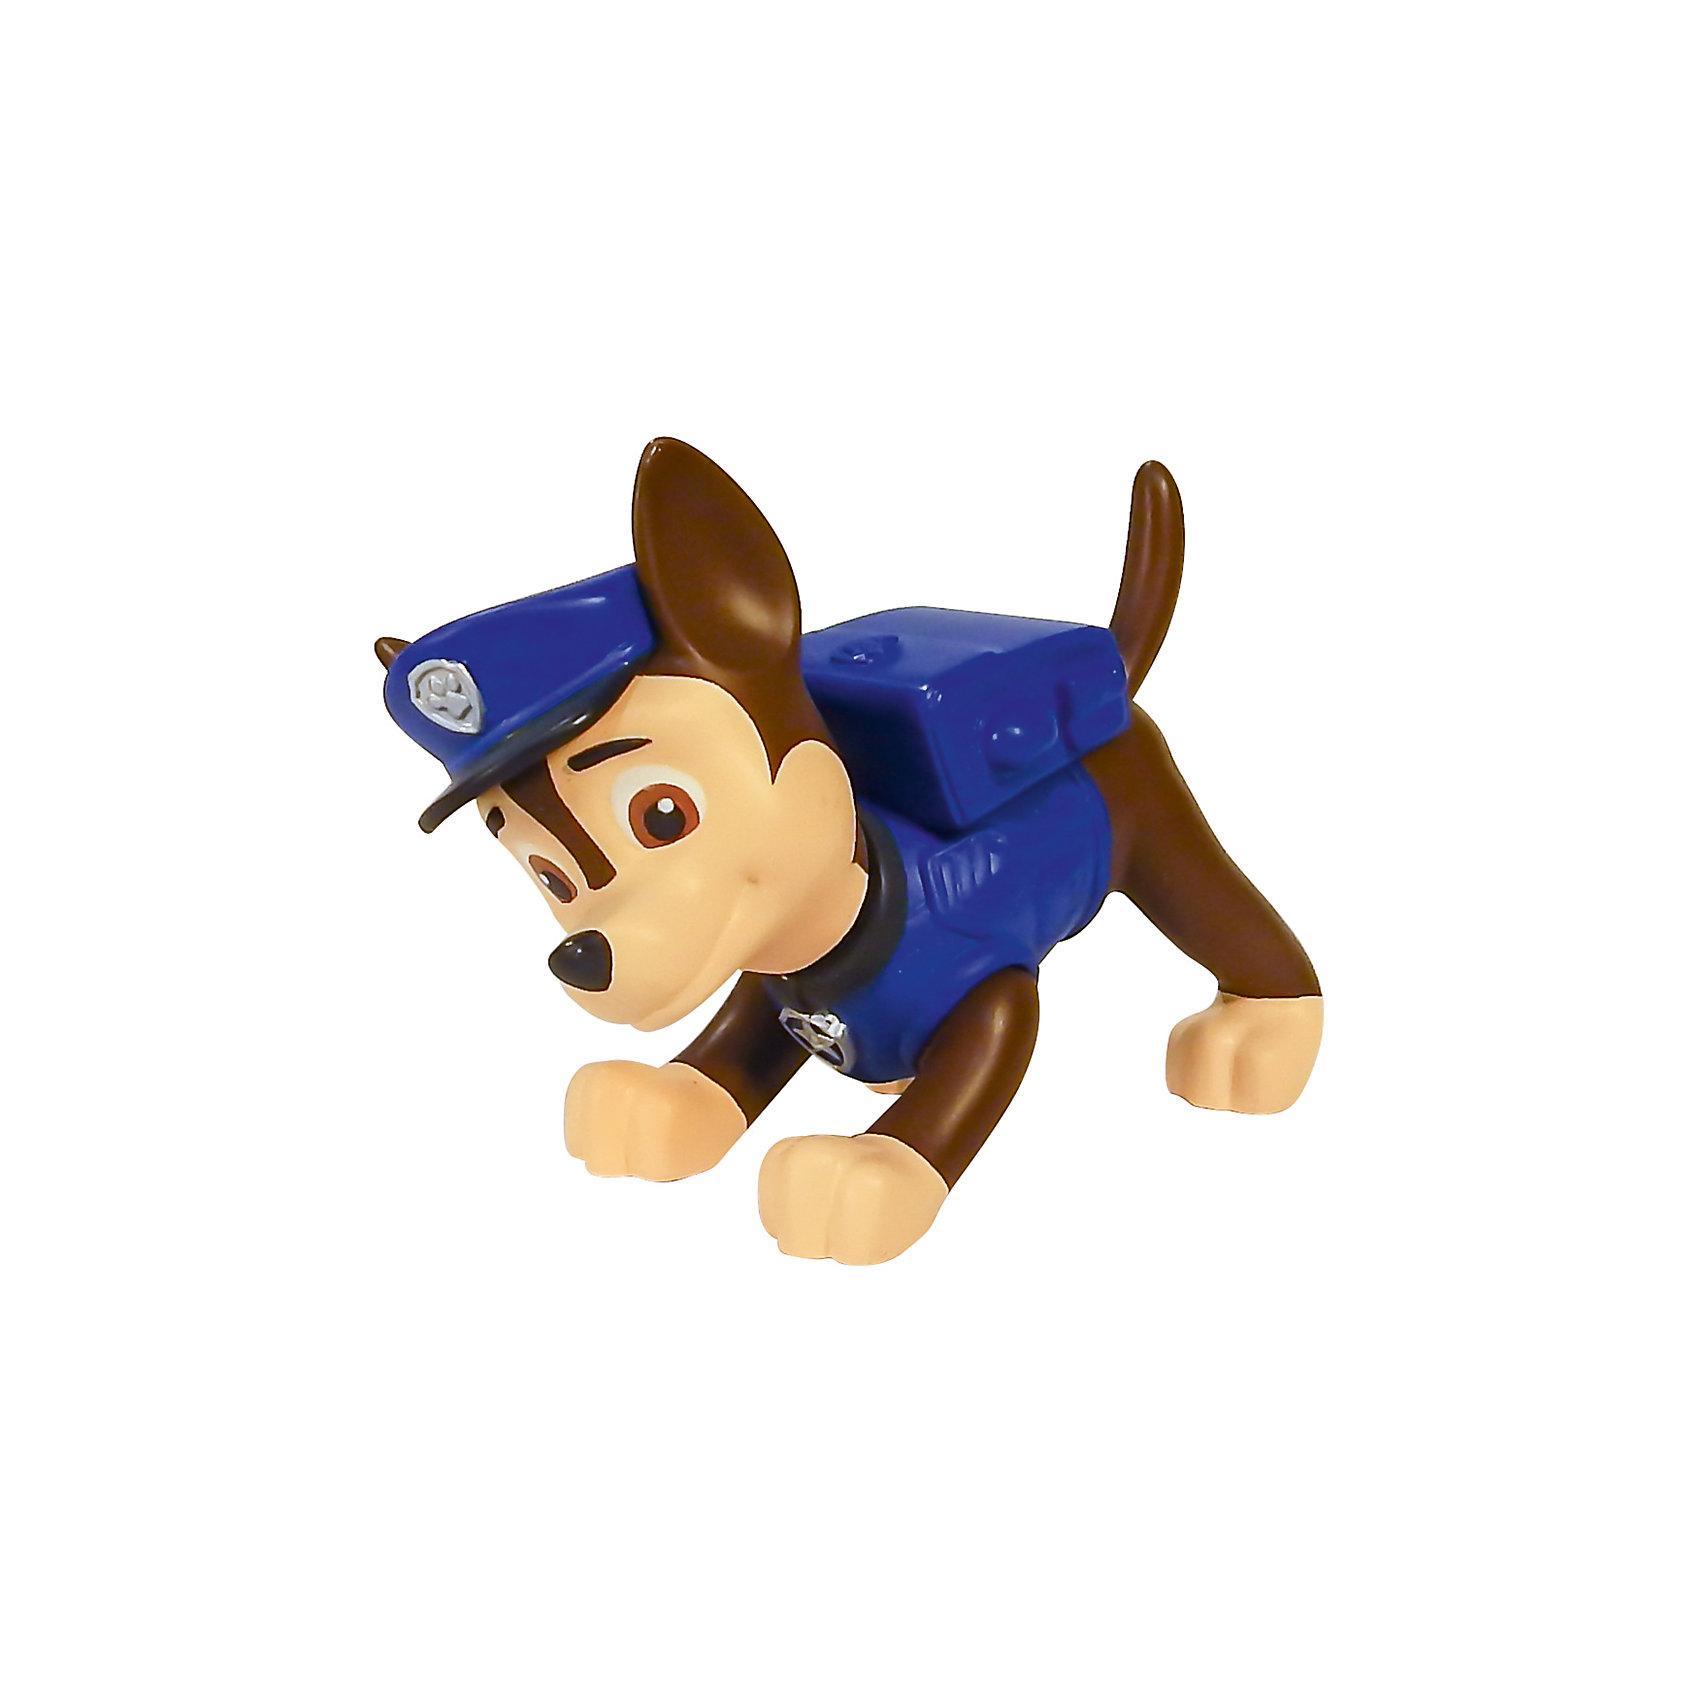 Spin Master Маленькая фигурка щенка Гонщик, Щенячий патруль, Spin Master купить шоколадного щенка лабрадора в тюмени